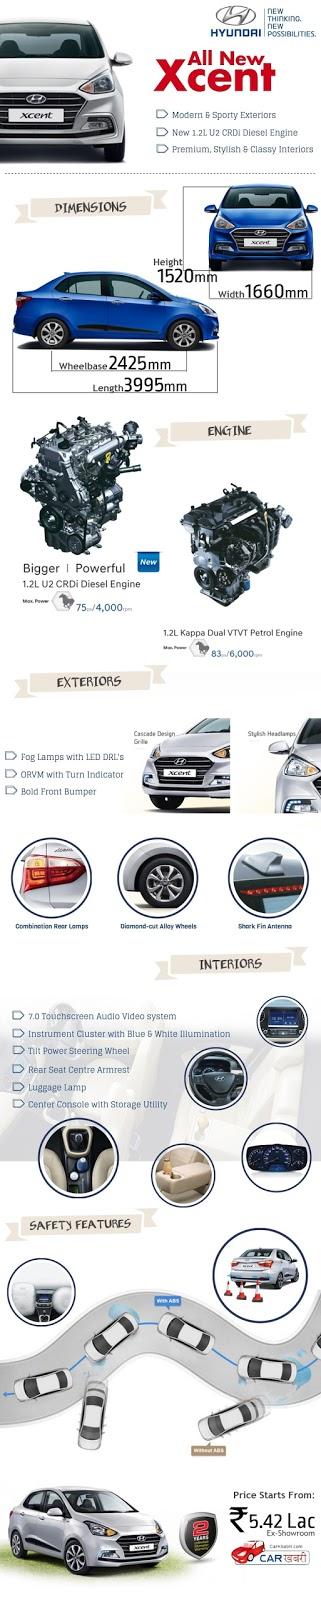 2017 Hyundai Xcent Facelit Infographic